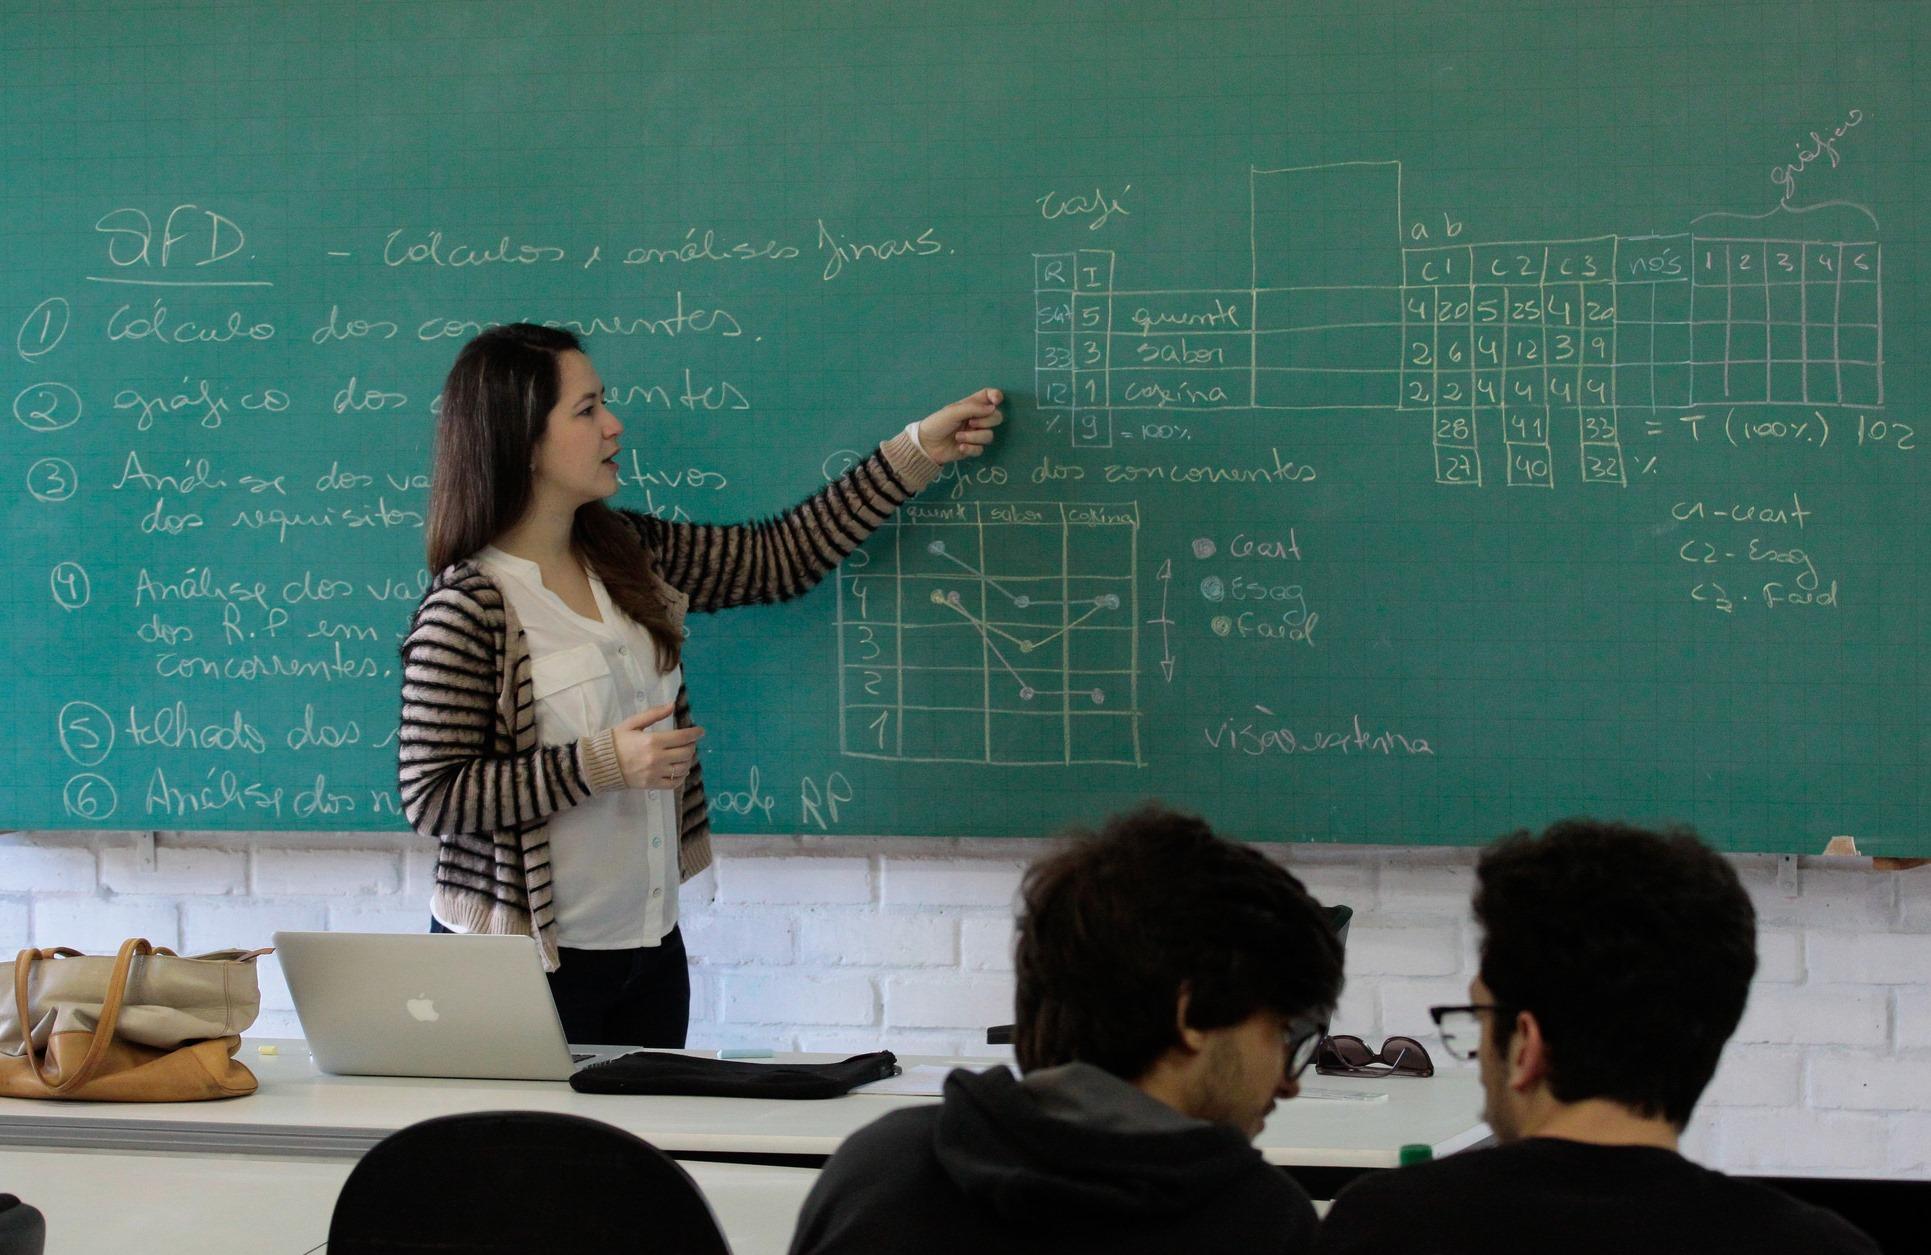 Victor Graeff abre processo seletivo para contratação de professores